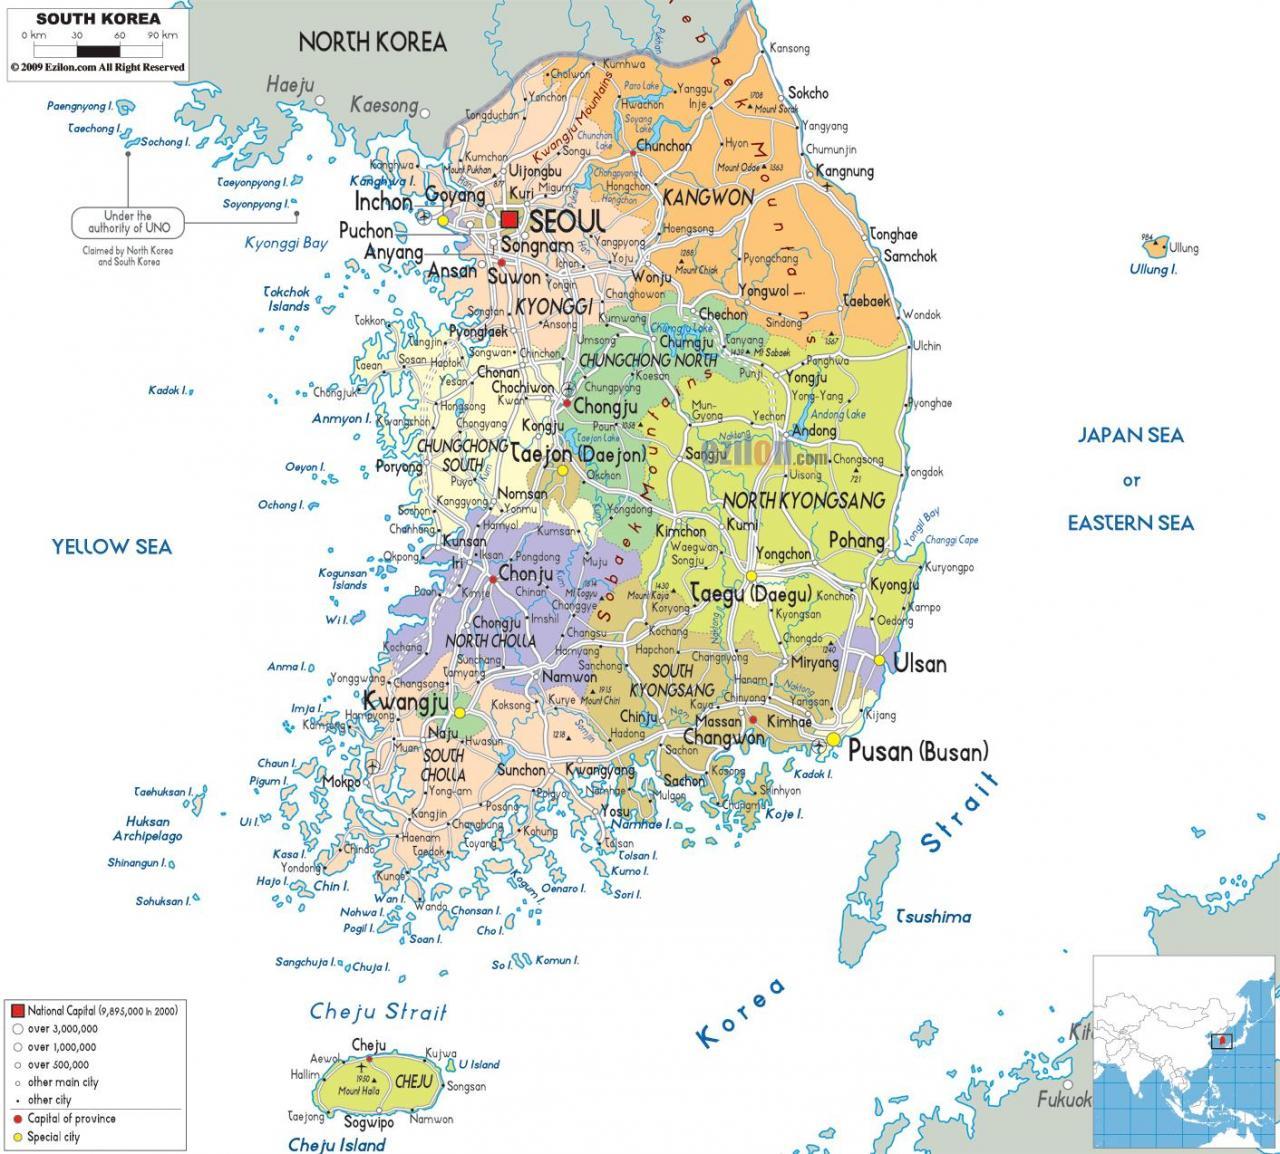 خريطة كوريا الجنوبية السُكانية